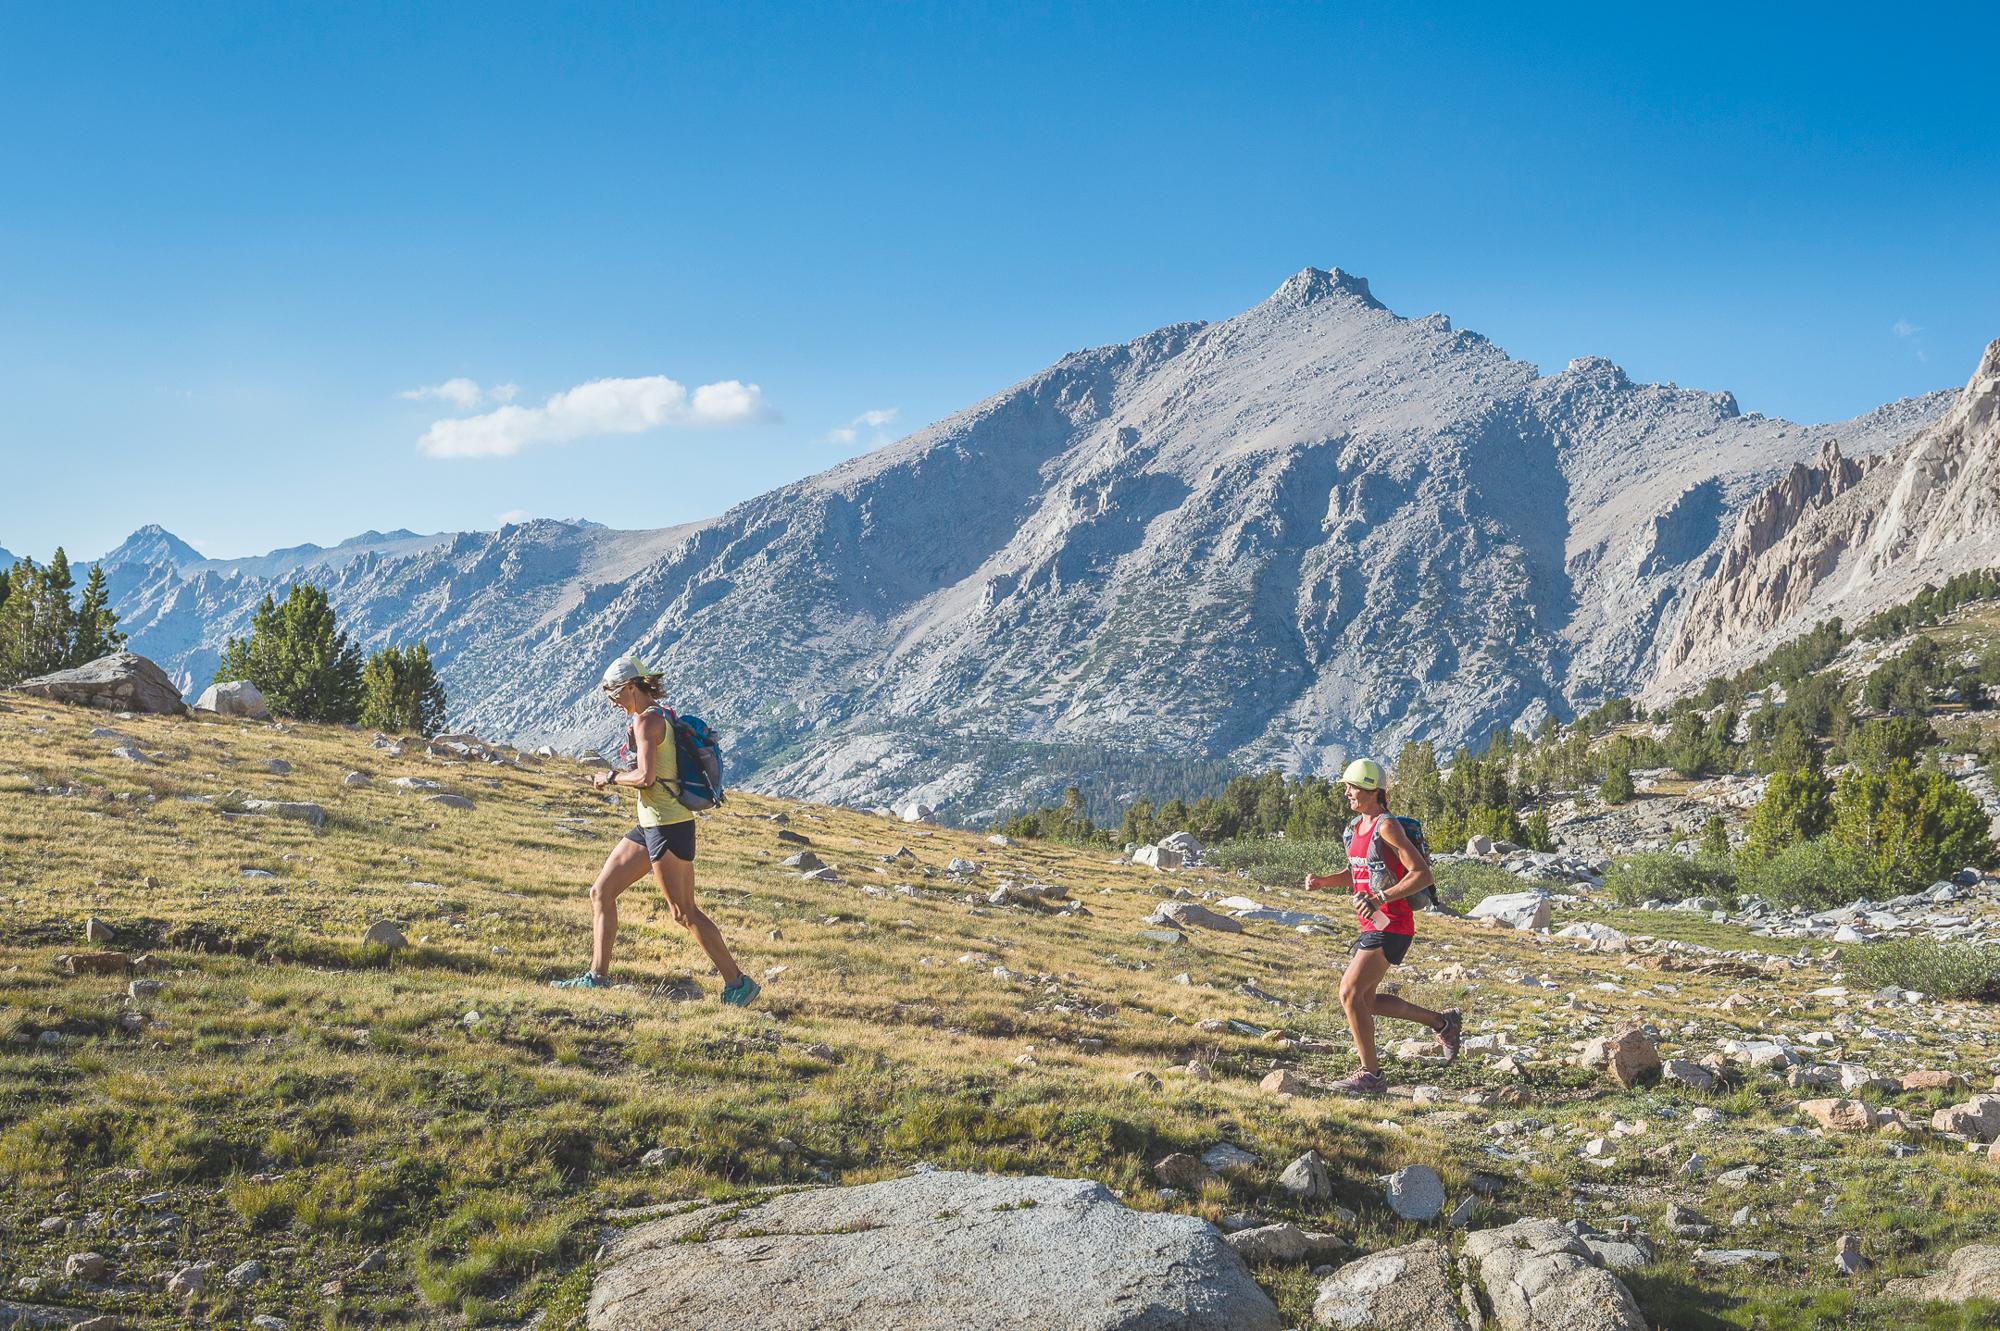 Krissy Moehl, left, running with Jenn Shelton on the John Muir Trail in 2013. Ken Etzel photo.